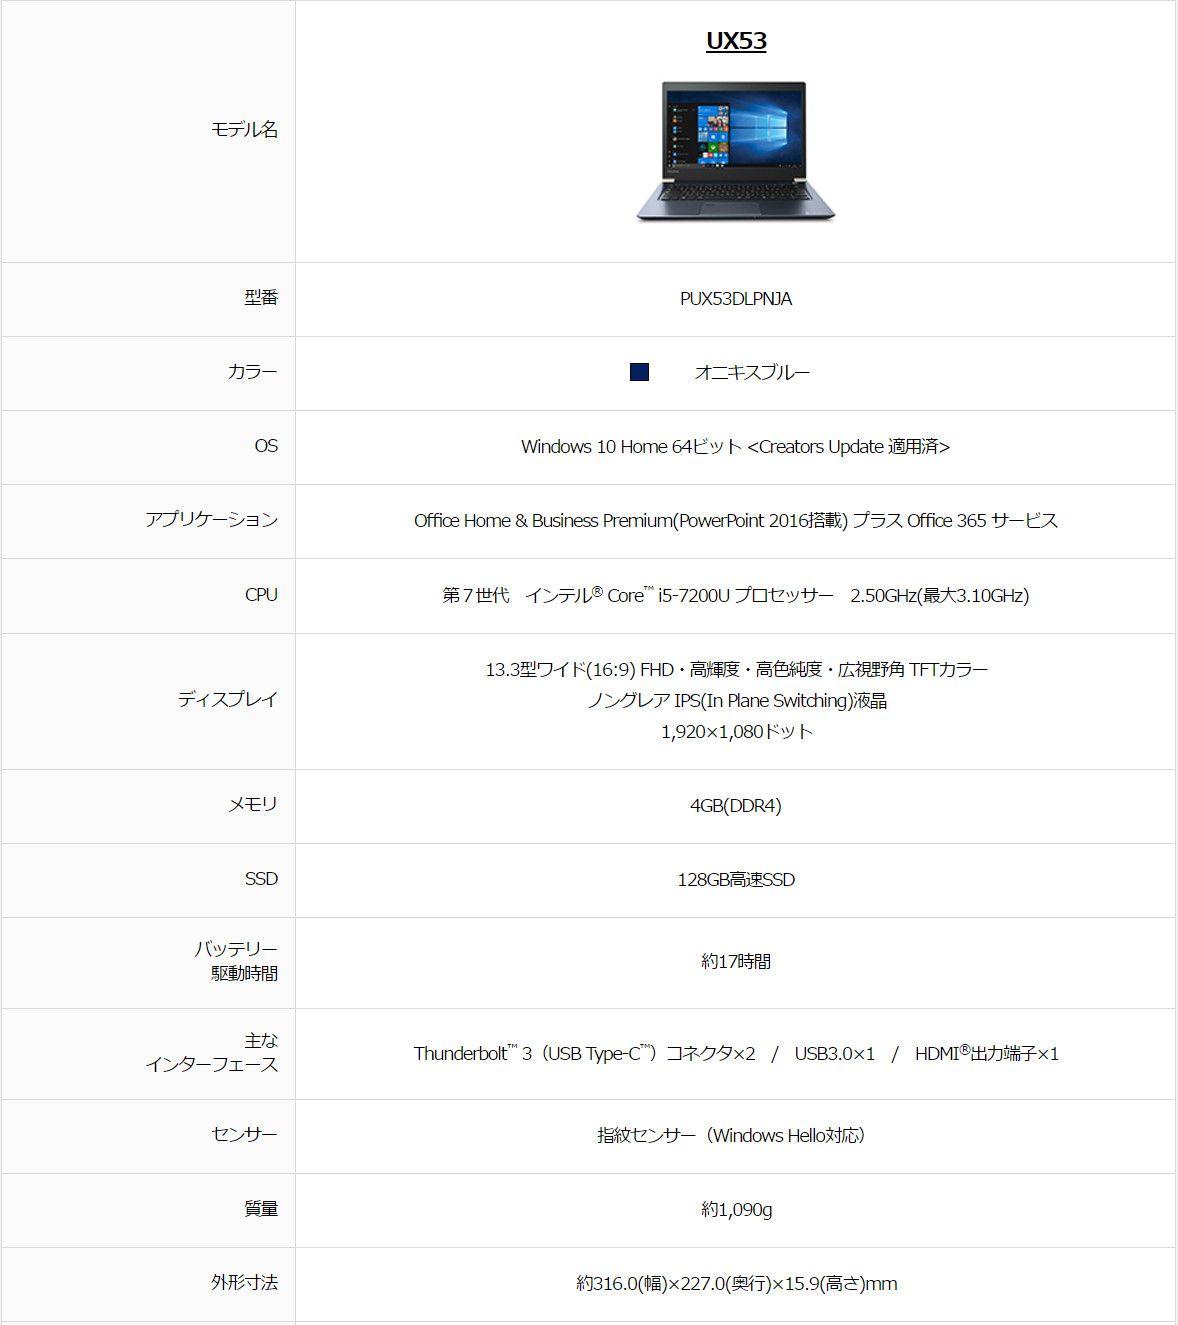 東芝 dynabook UX53 スペック表